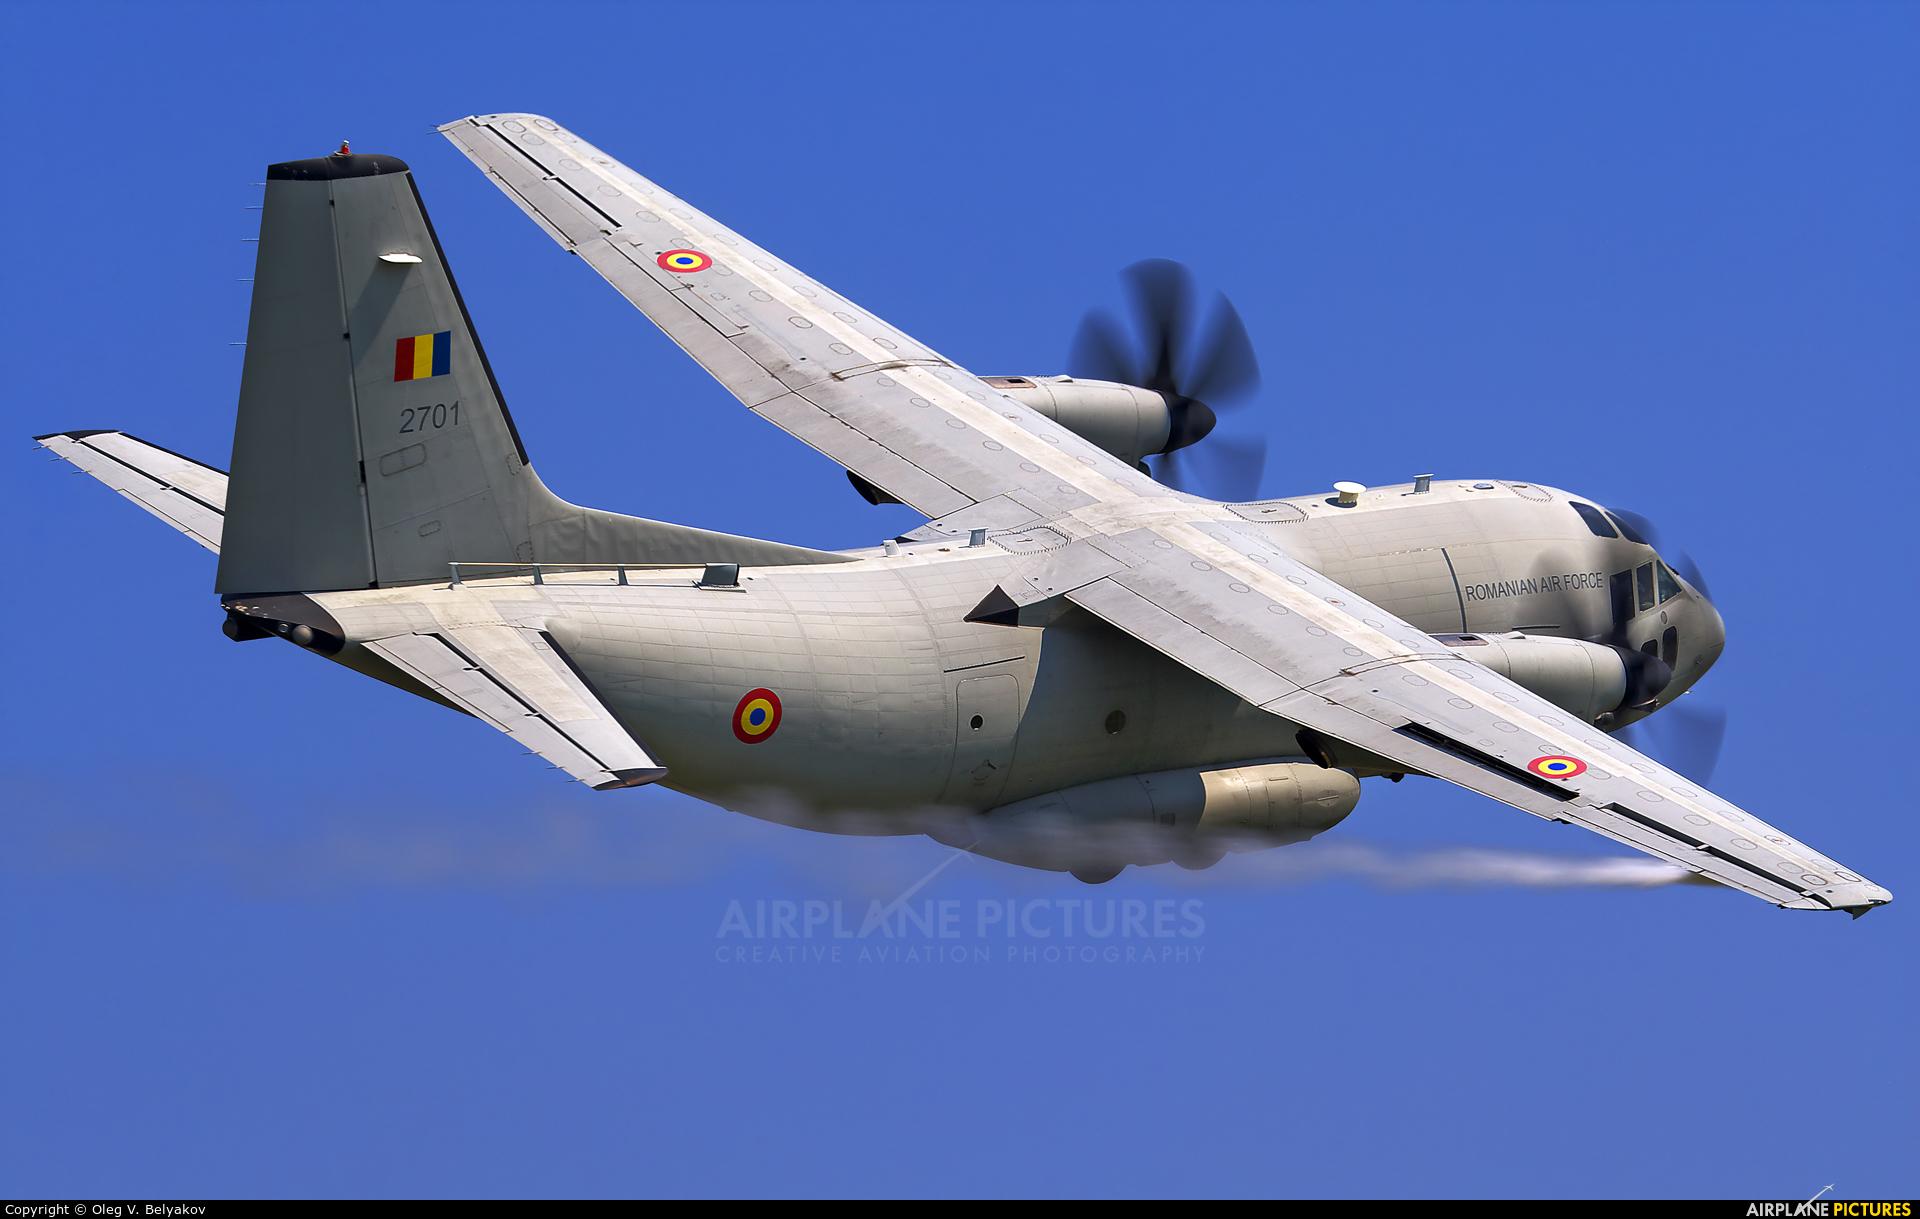 Romania - Air Force 2701 aircraft at Bucharest - Aurel Vlaicu Intl